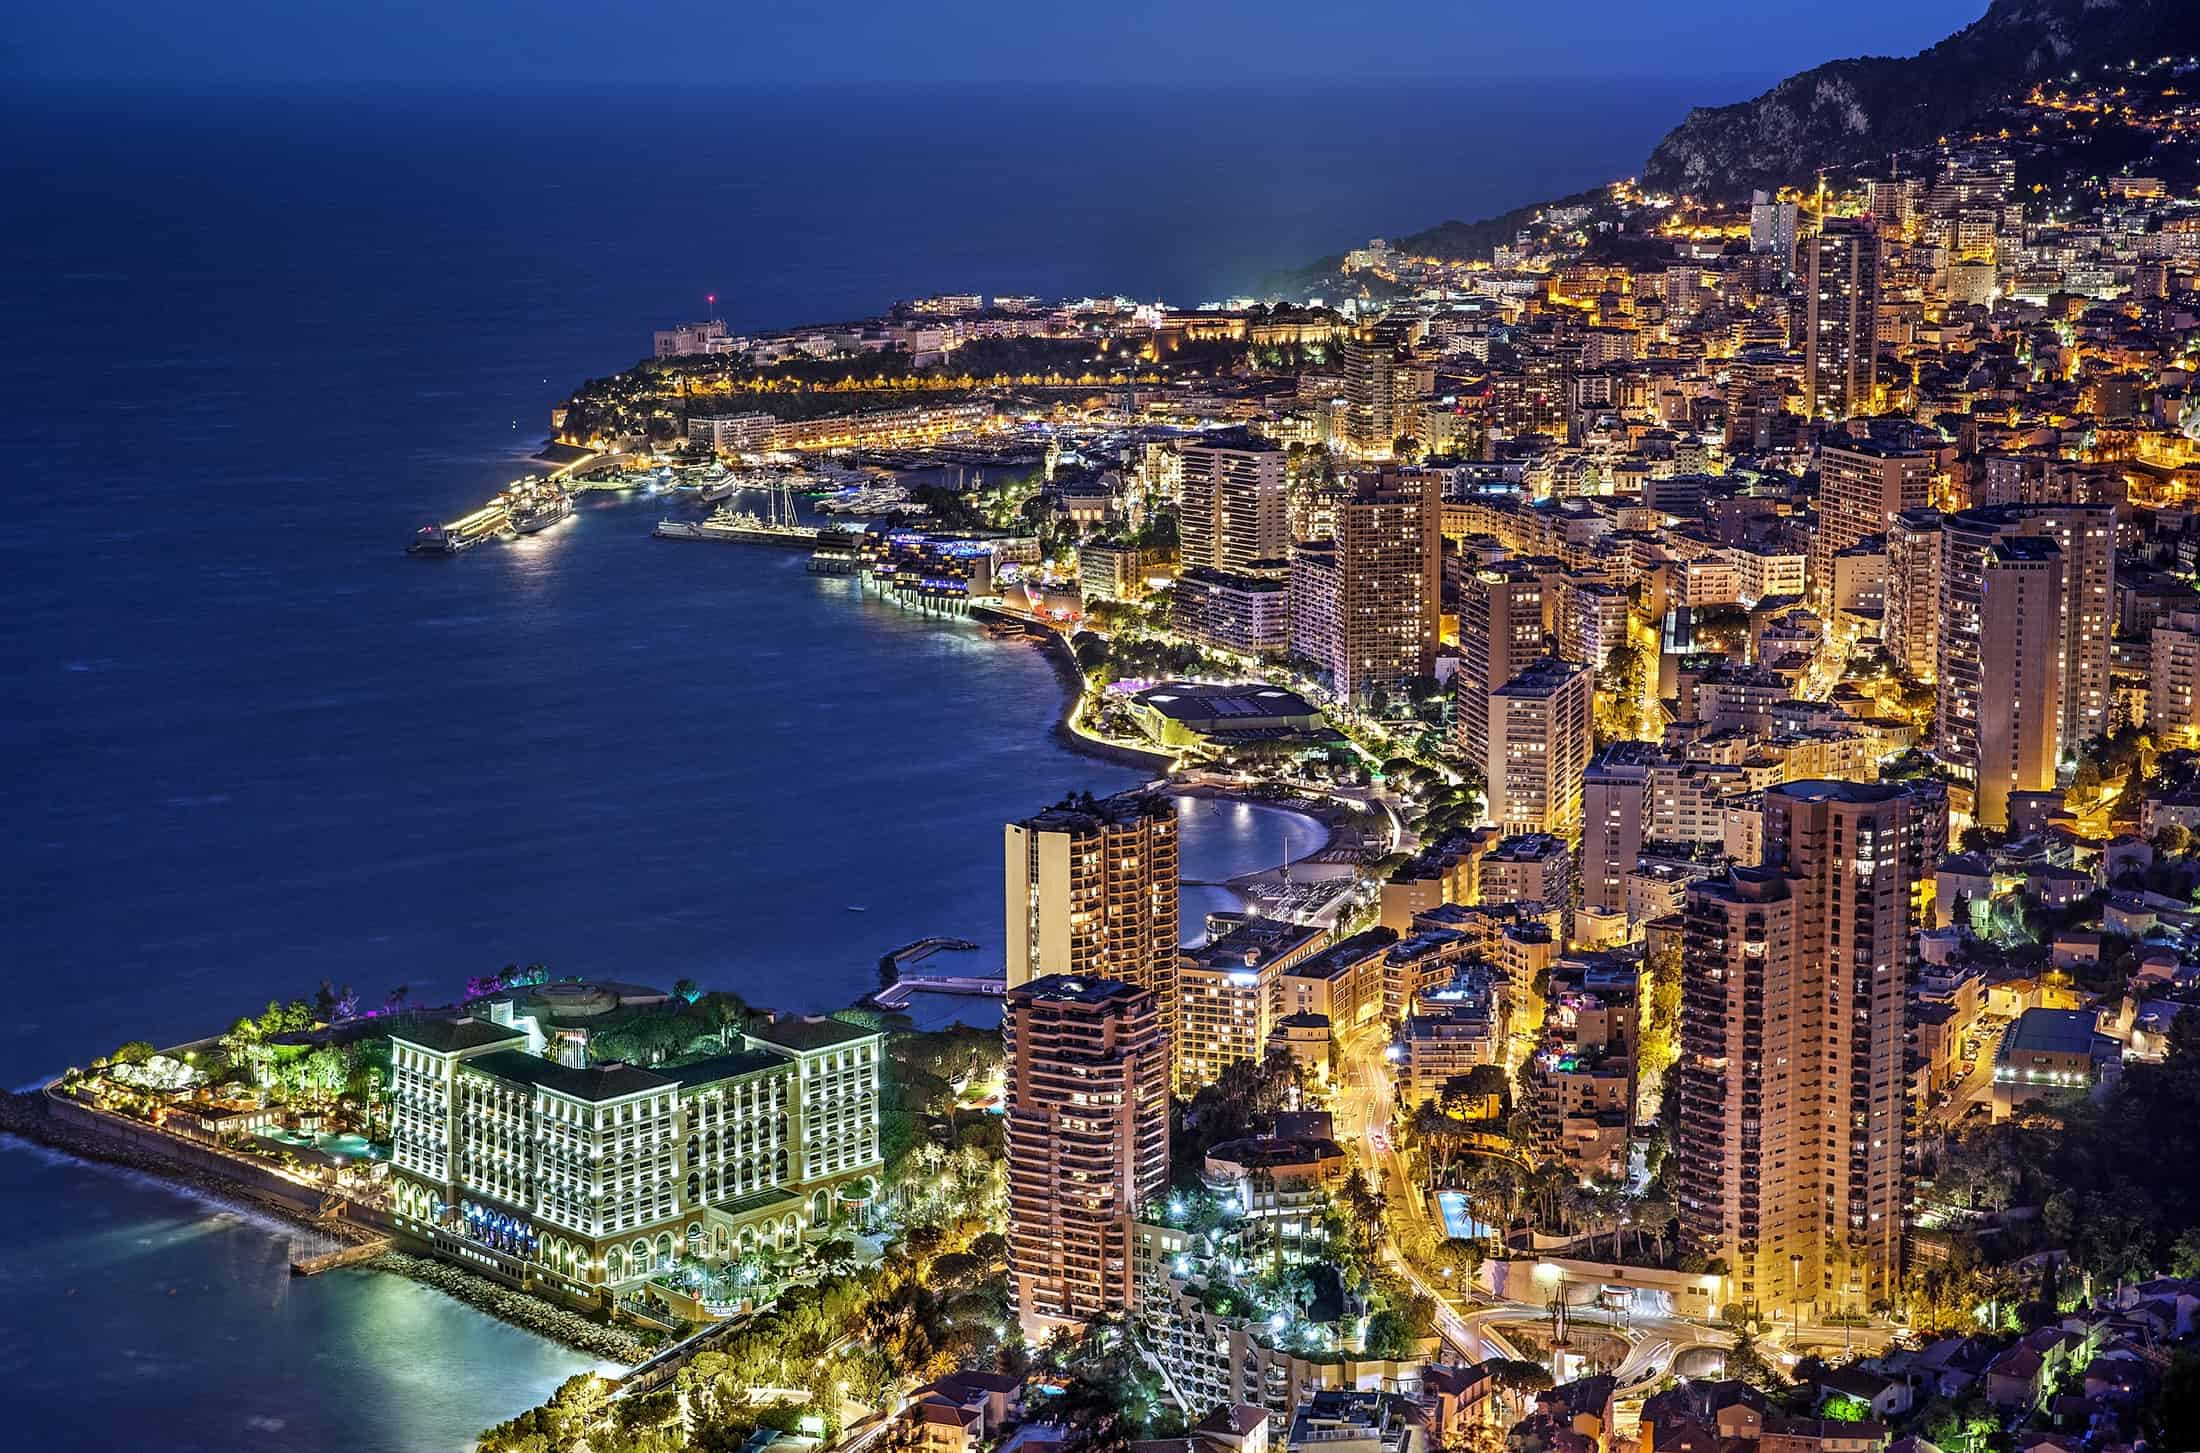 دليل موناكو للمثليين والفنادق